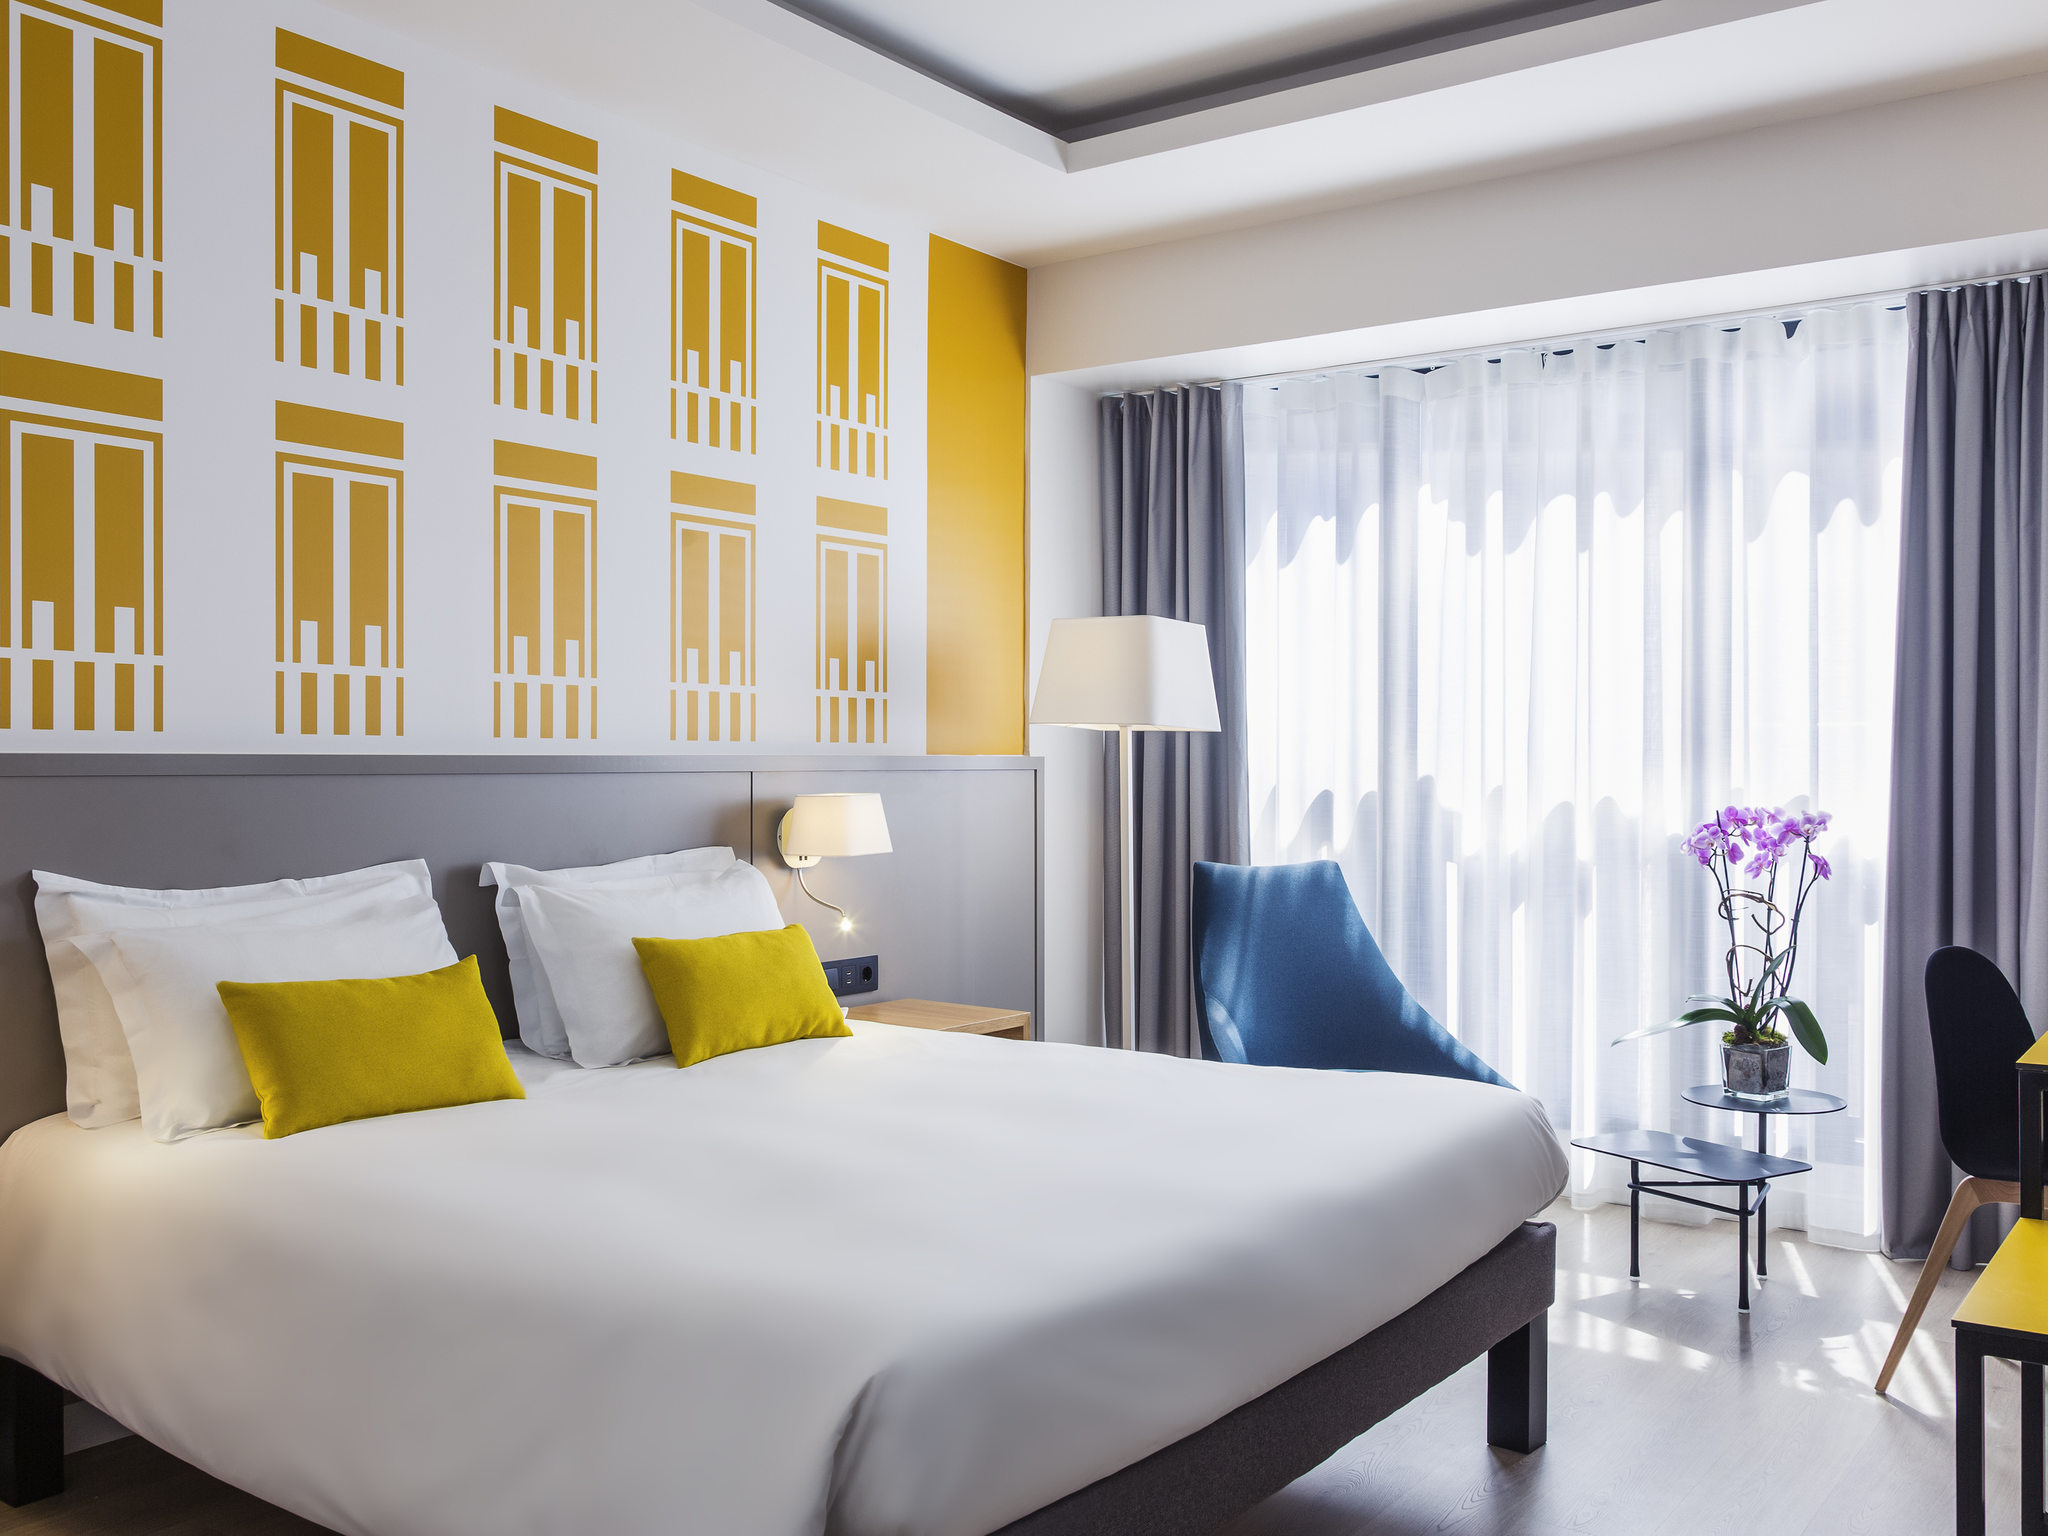 ホテル – メルキュールマドリードプラザデエスパーニャ